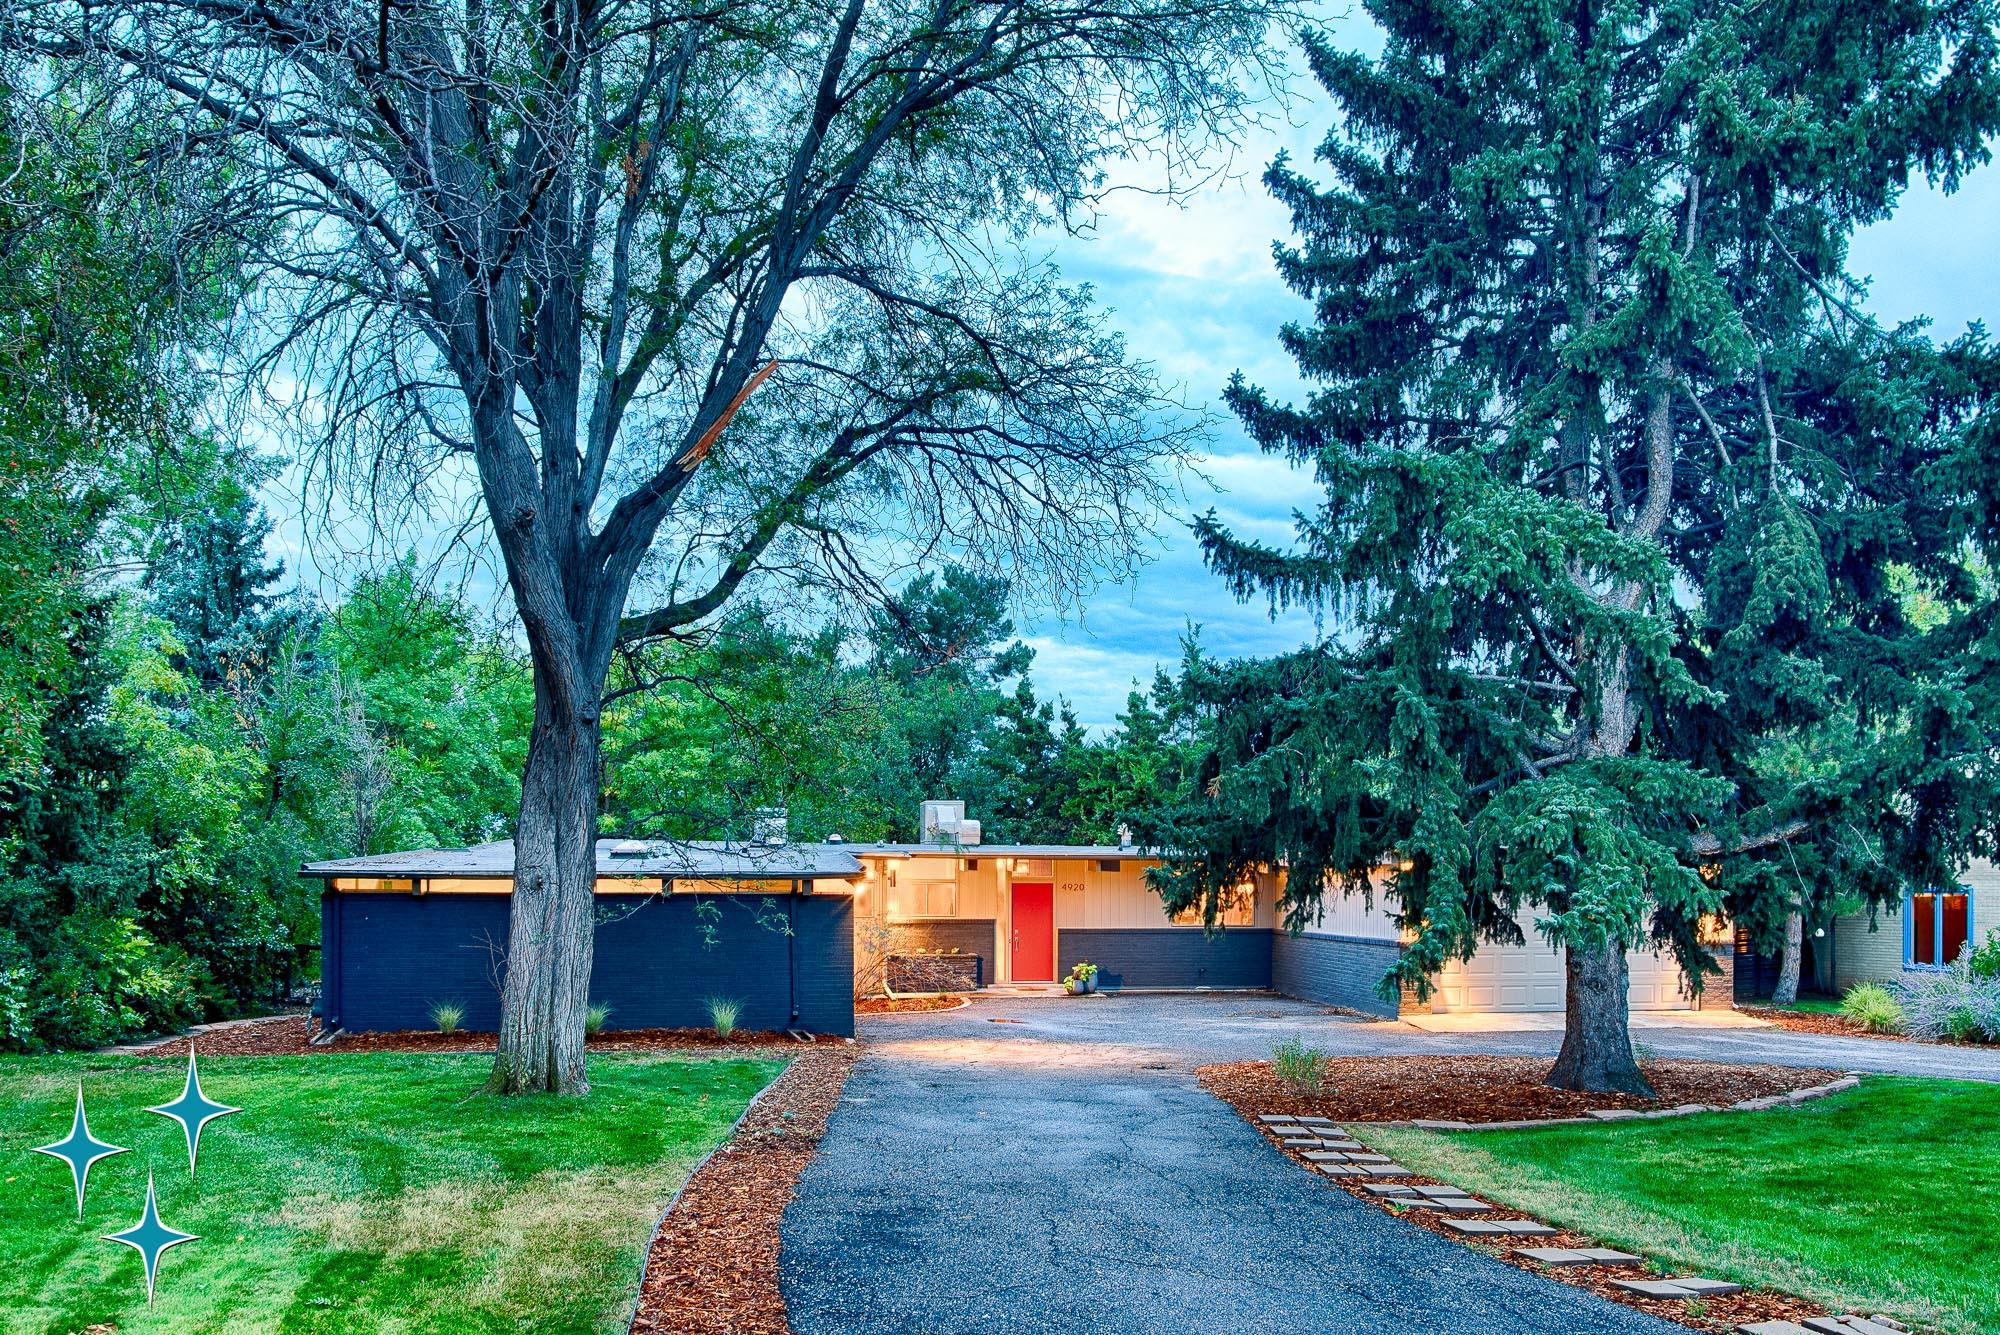 Adrian-Kinney-4920-E-Vassar-Lane-Denver-Dahlia-Acres-2000w50-3SWM-5.jpg